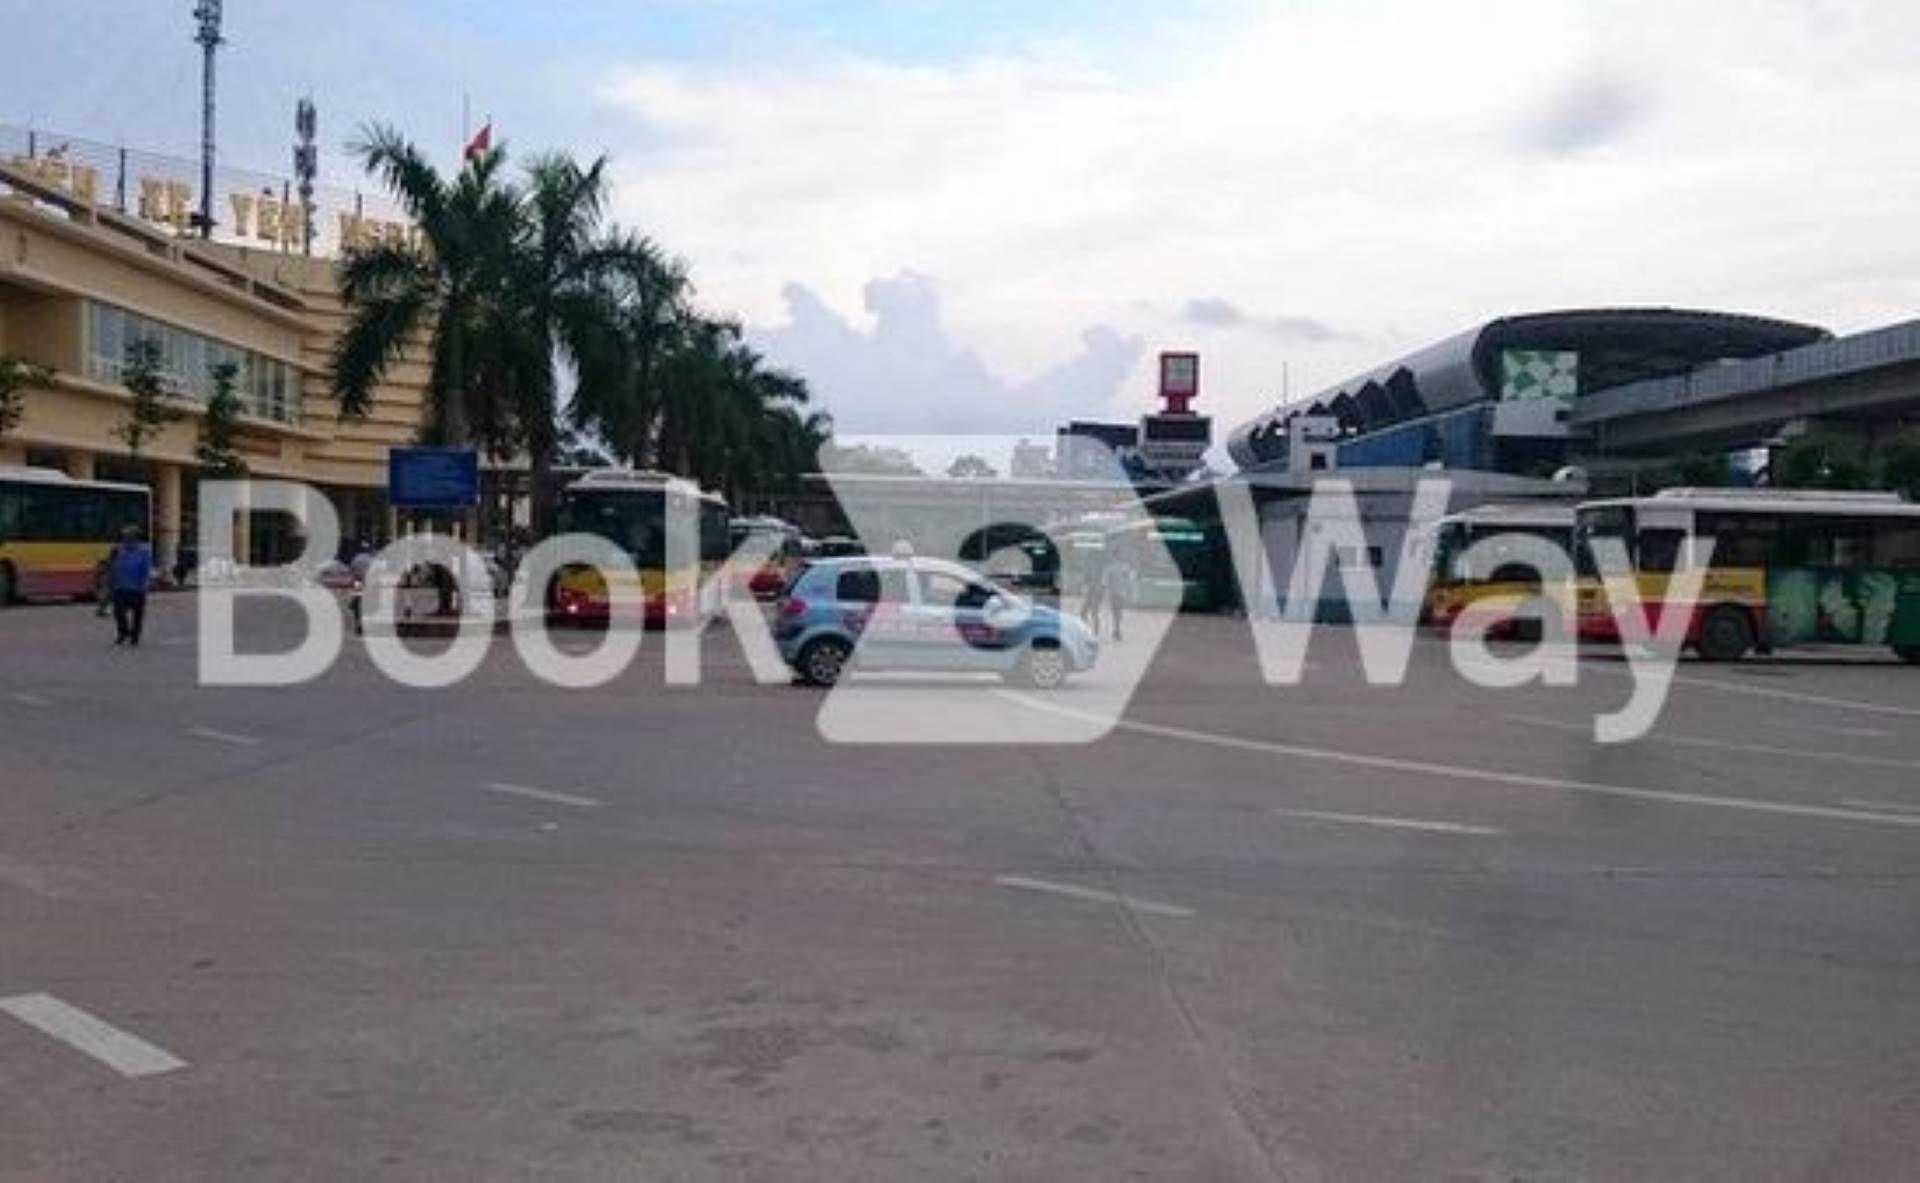 Yen Nghia Bus Station